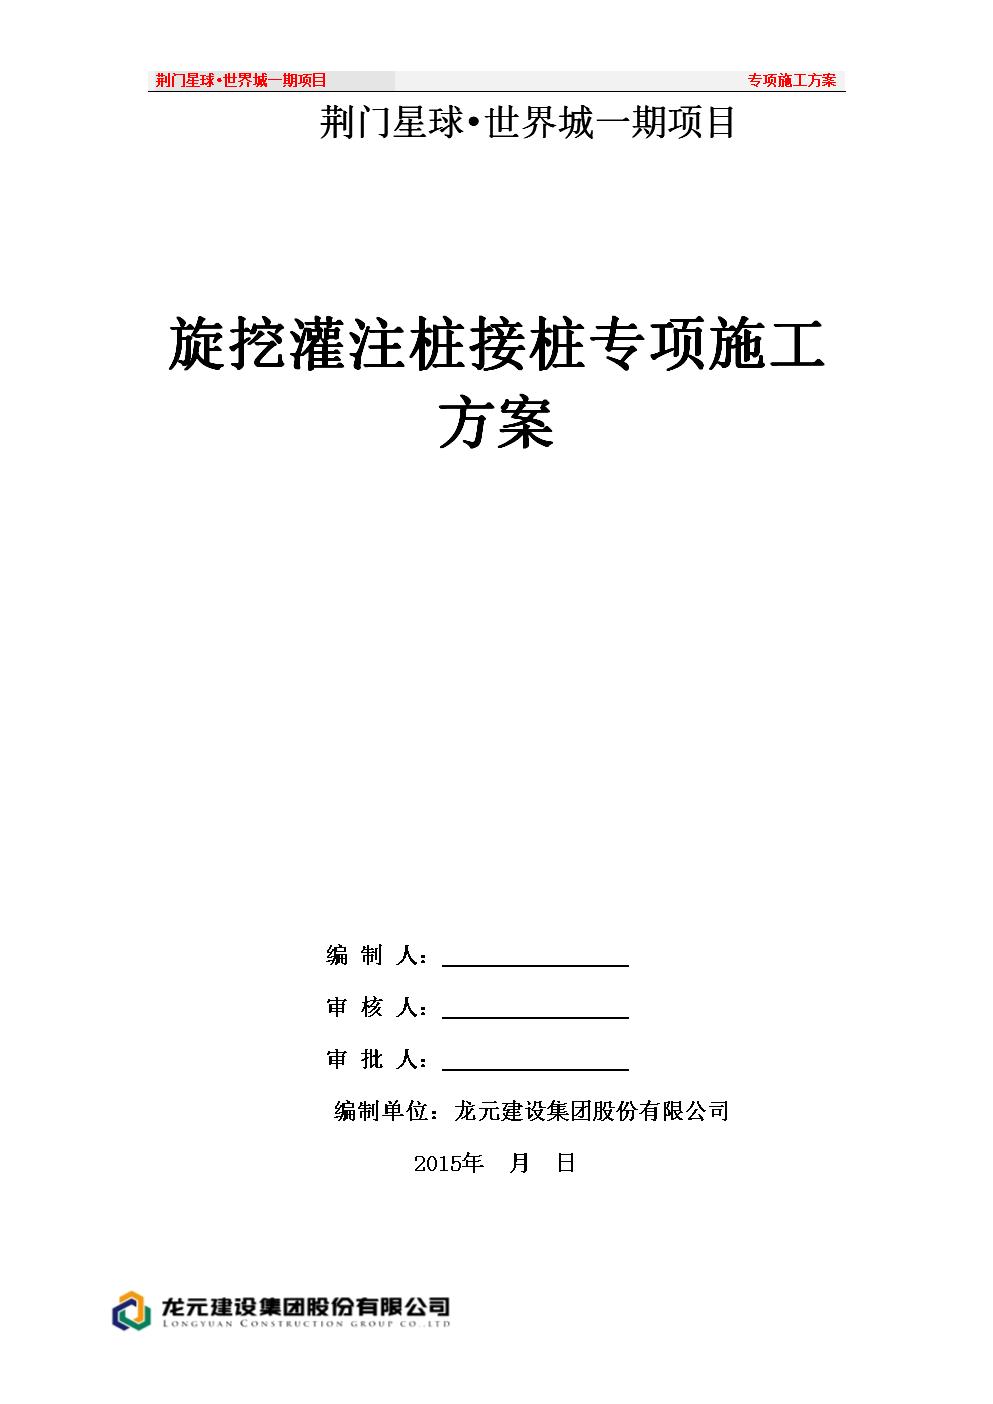 旋挖灌注桩接桩方案_secret讲解.doc国内电影海报设计师图片